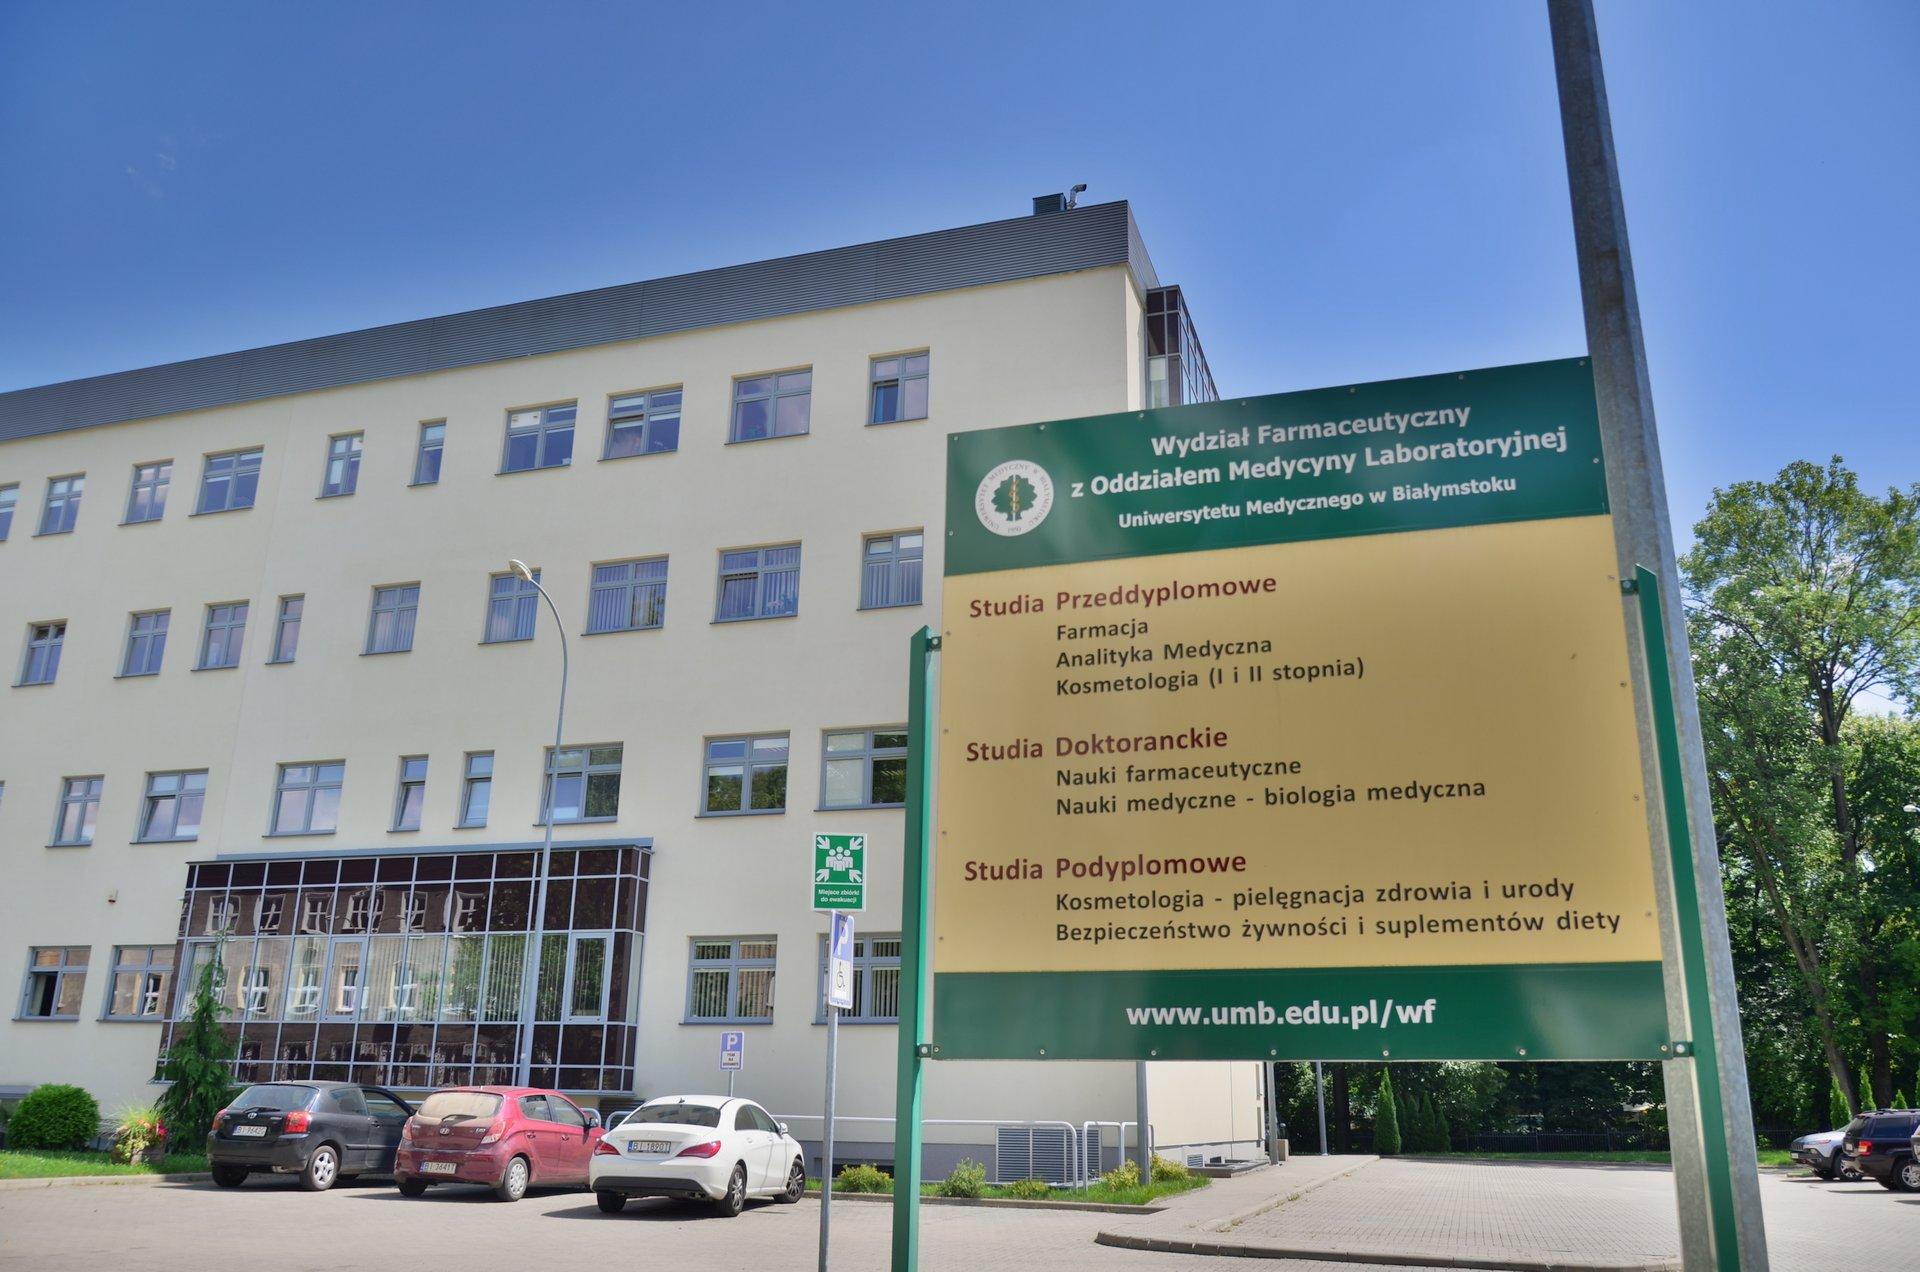 Białystok Uniwersytet Medyczny Wydział Farmaceutyczny UMB farmacjafree photo darmowe zdjęcie